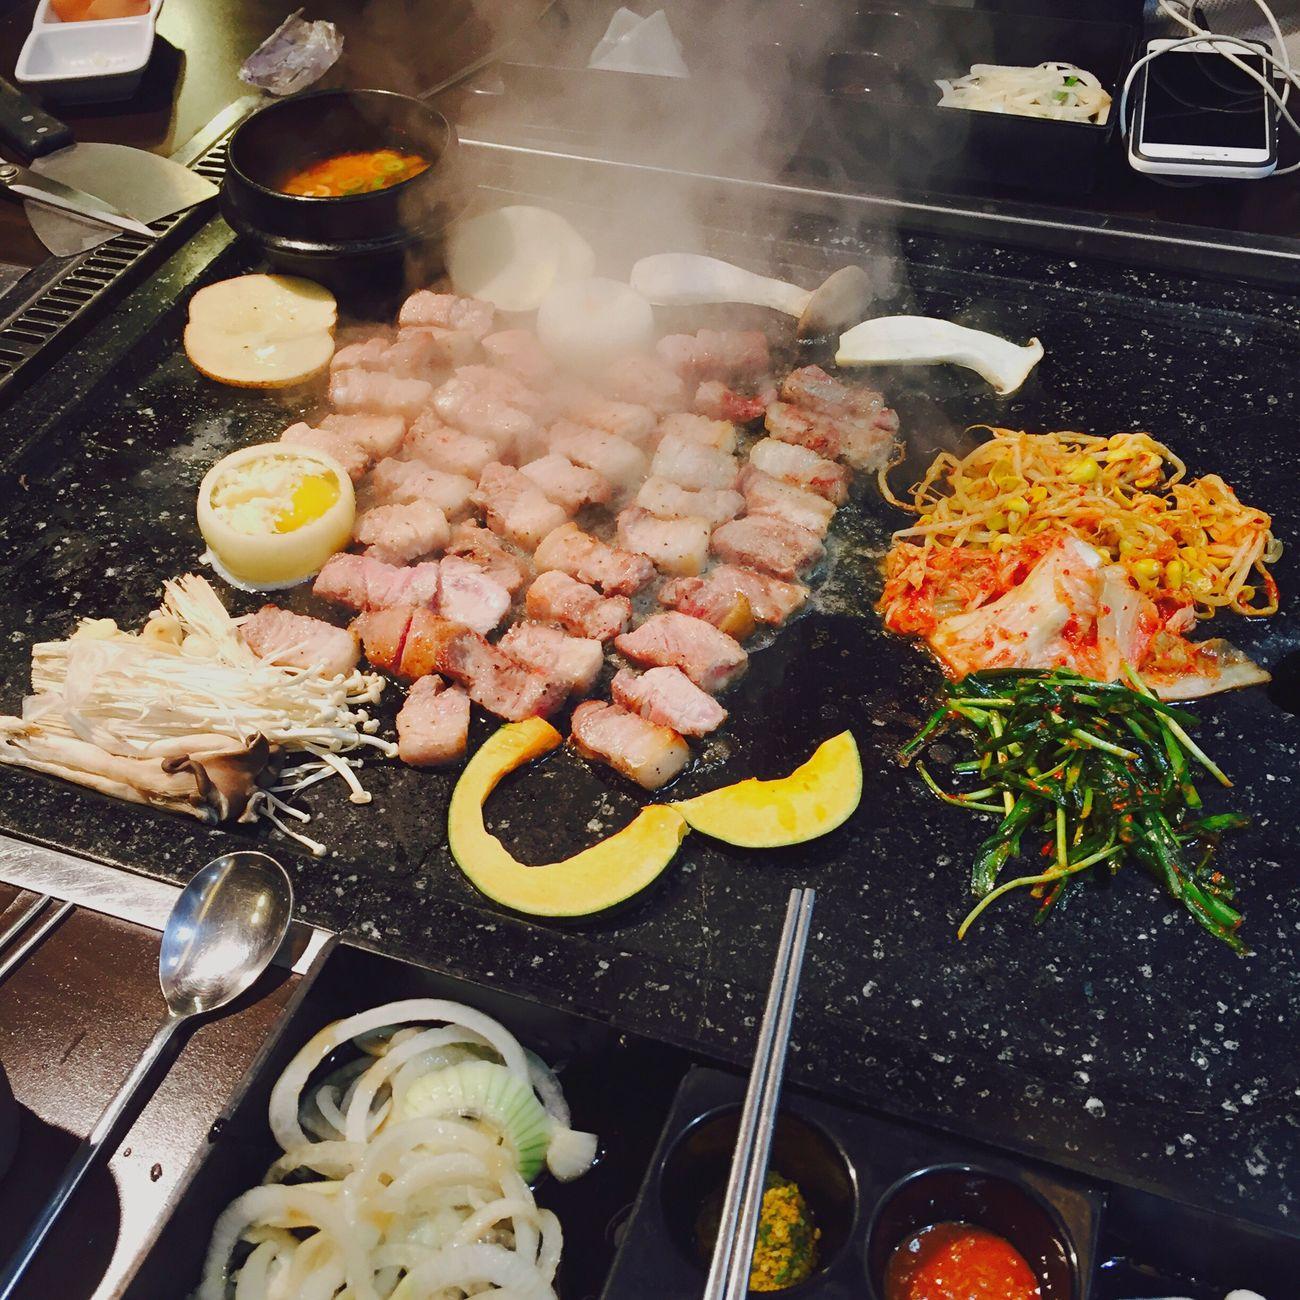 Korea Food Korean Food Koreanfood Seoul Eating Food Delicious ♡ Hi! Koreangirl Meat! Meat! Meat! Meat Love Meat